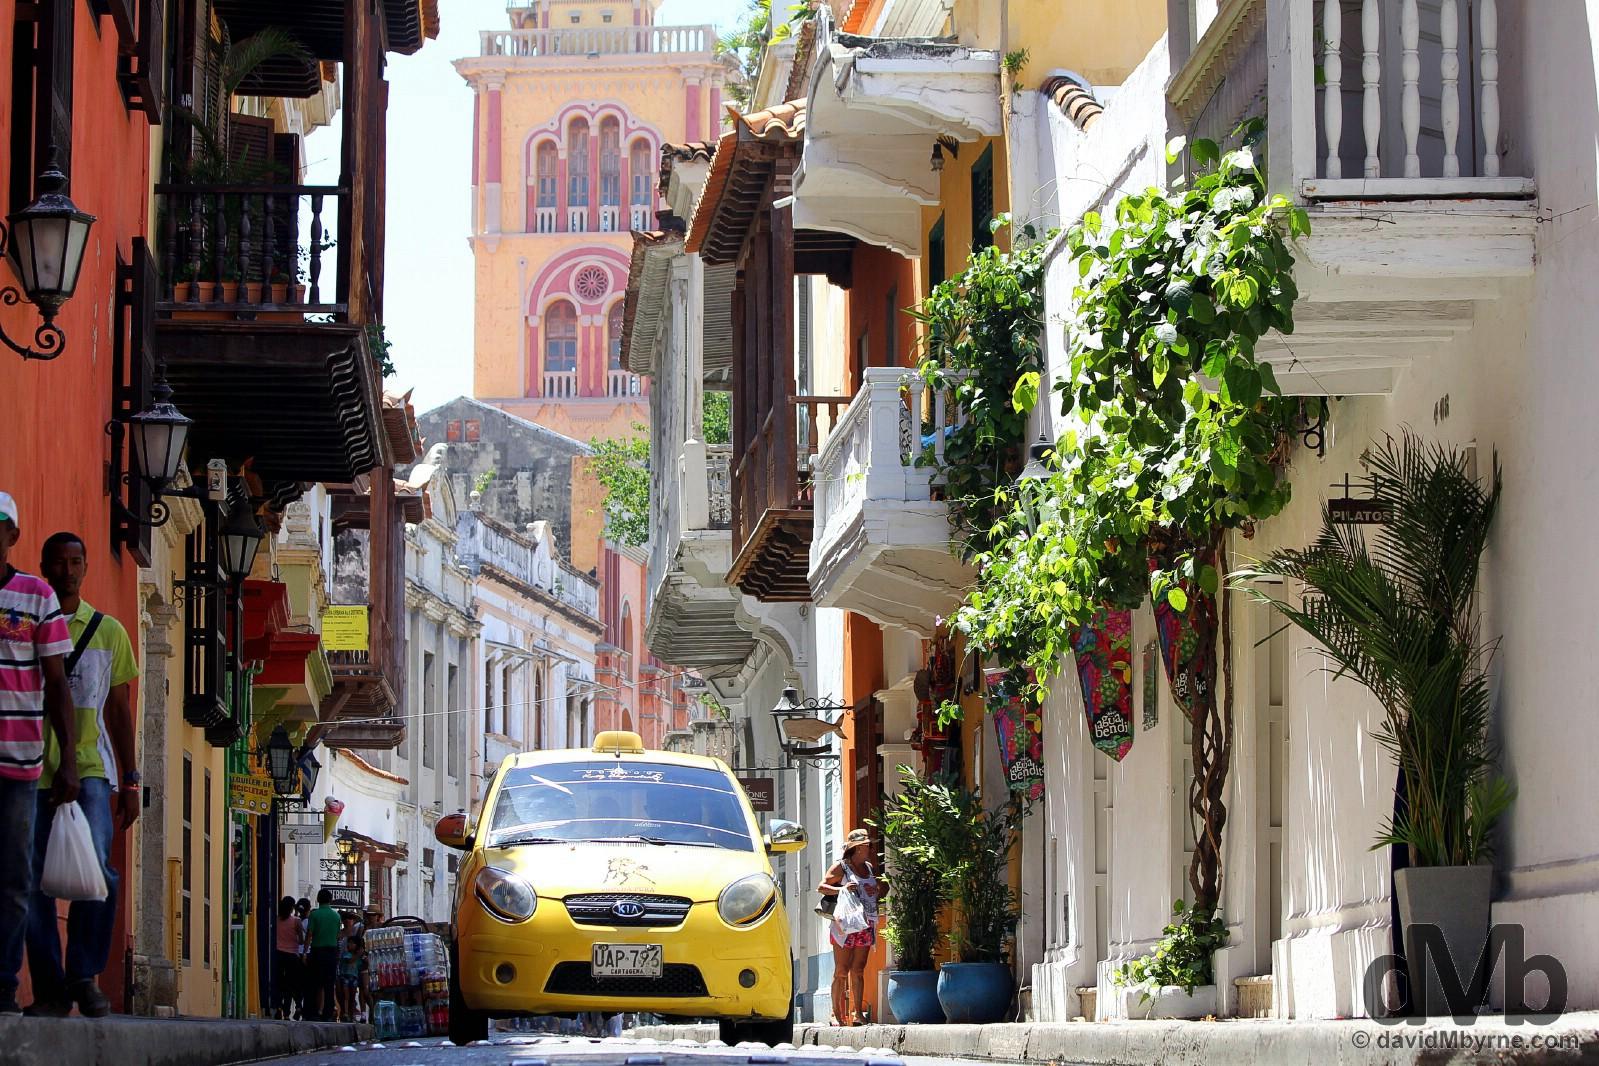 Calle de la Estrella in UNESCO-listed Old Town, Cartagena, Colombia. June 25, 2015.